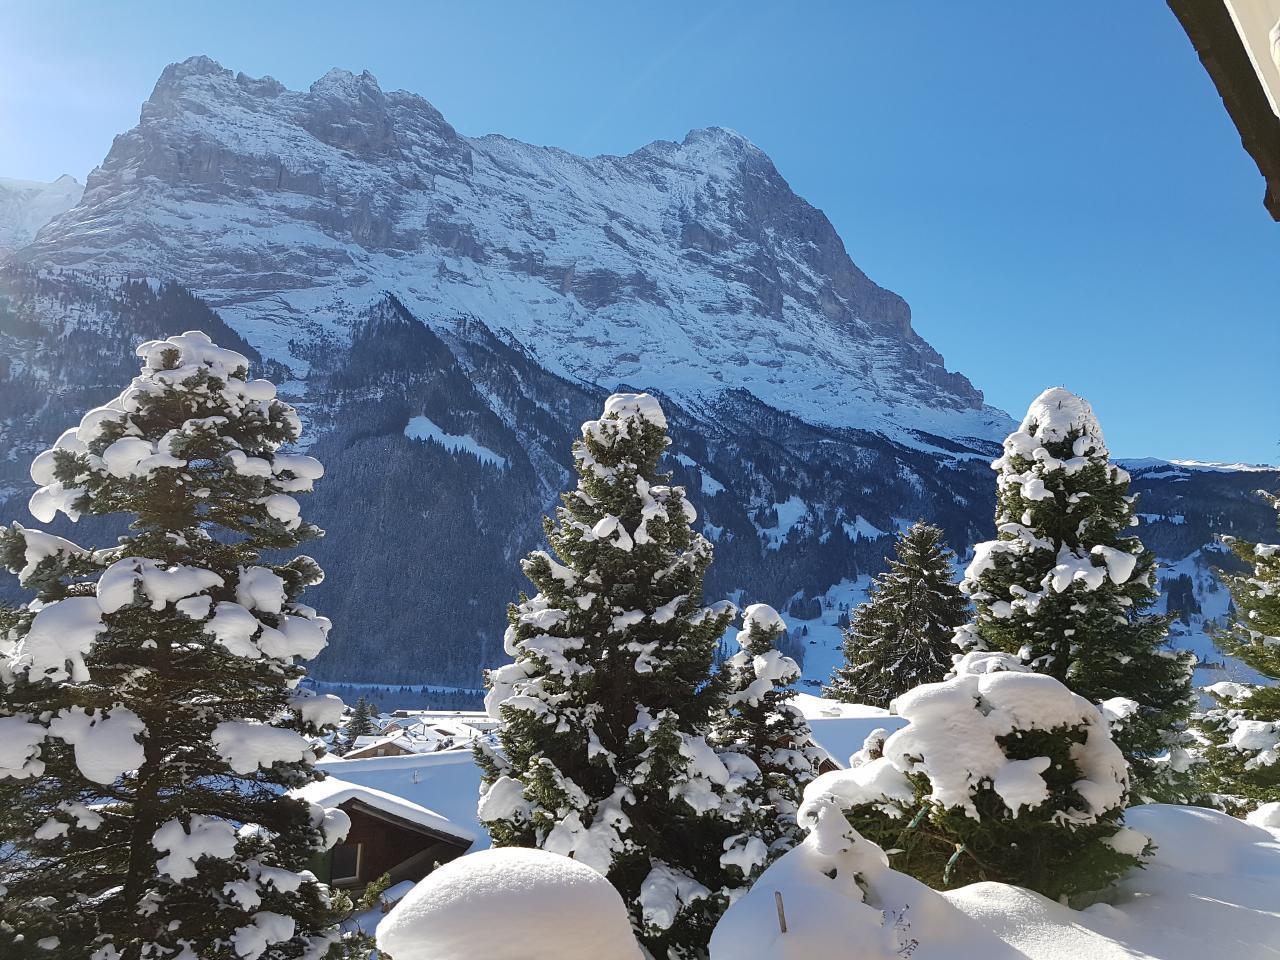 Ferienwohnung Chalet Moosrain - Studio West (1978339), Grindelwald, Jungfrauregion, Berner Oberland, Schweiz, Bild 16